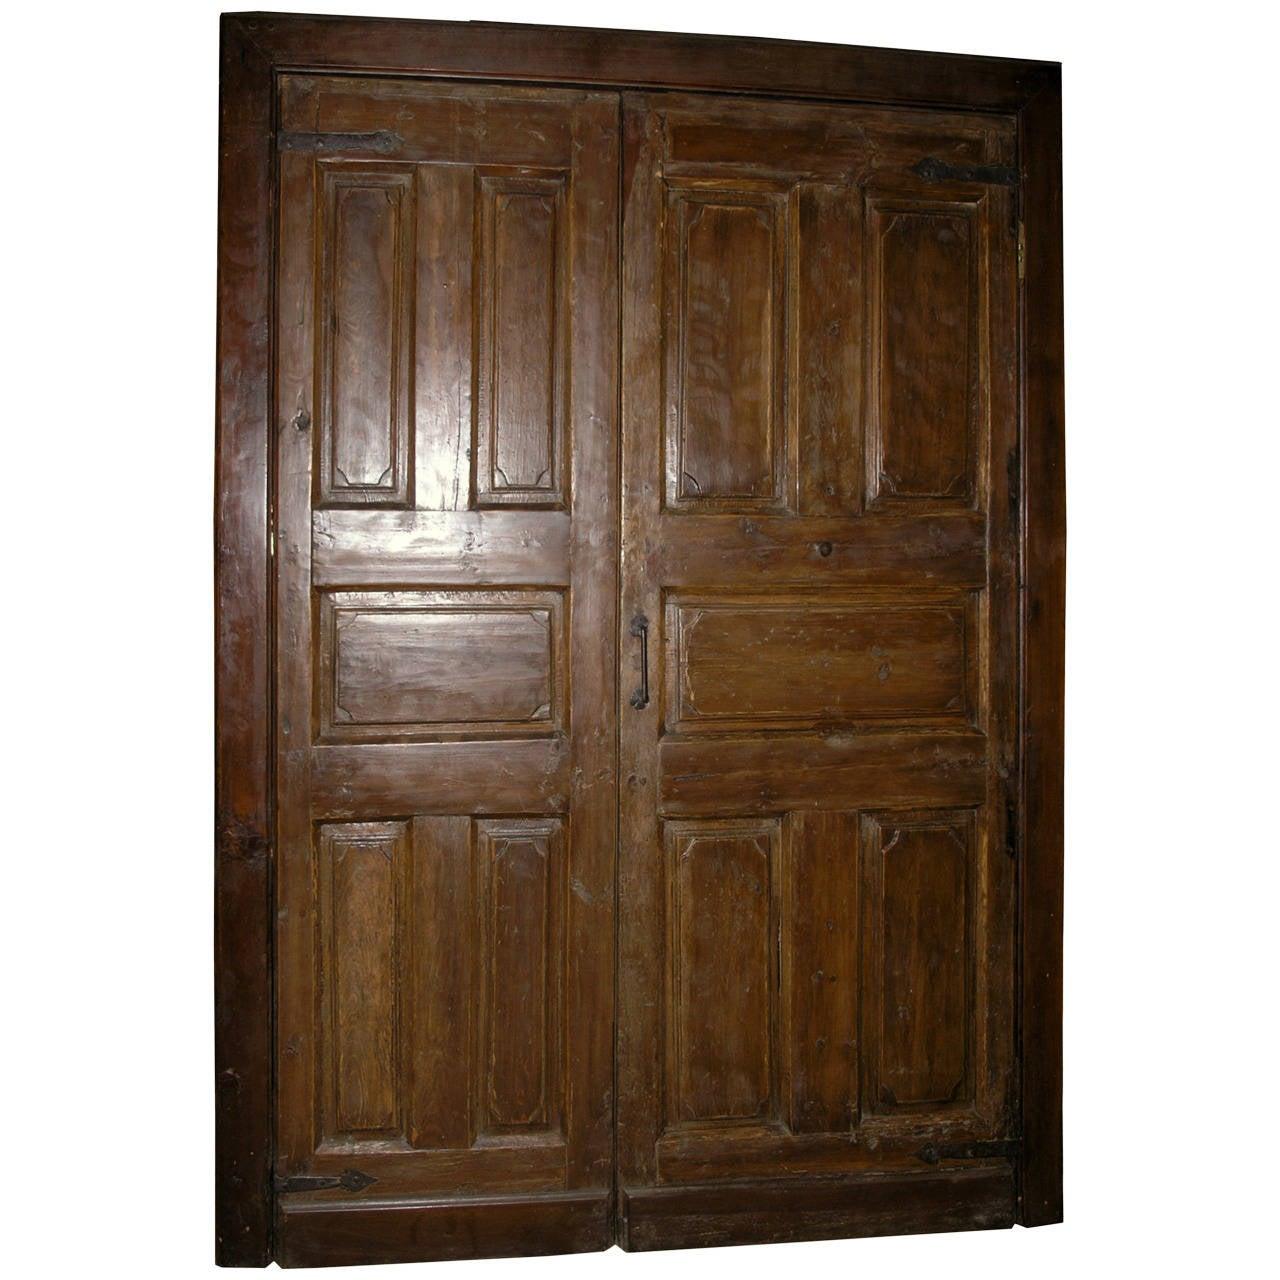 Antique Double Door Made of Oak